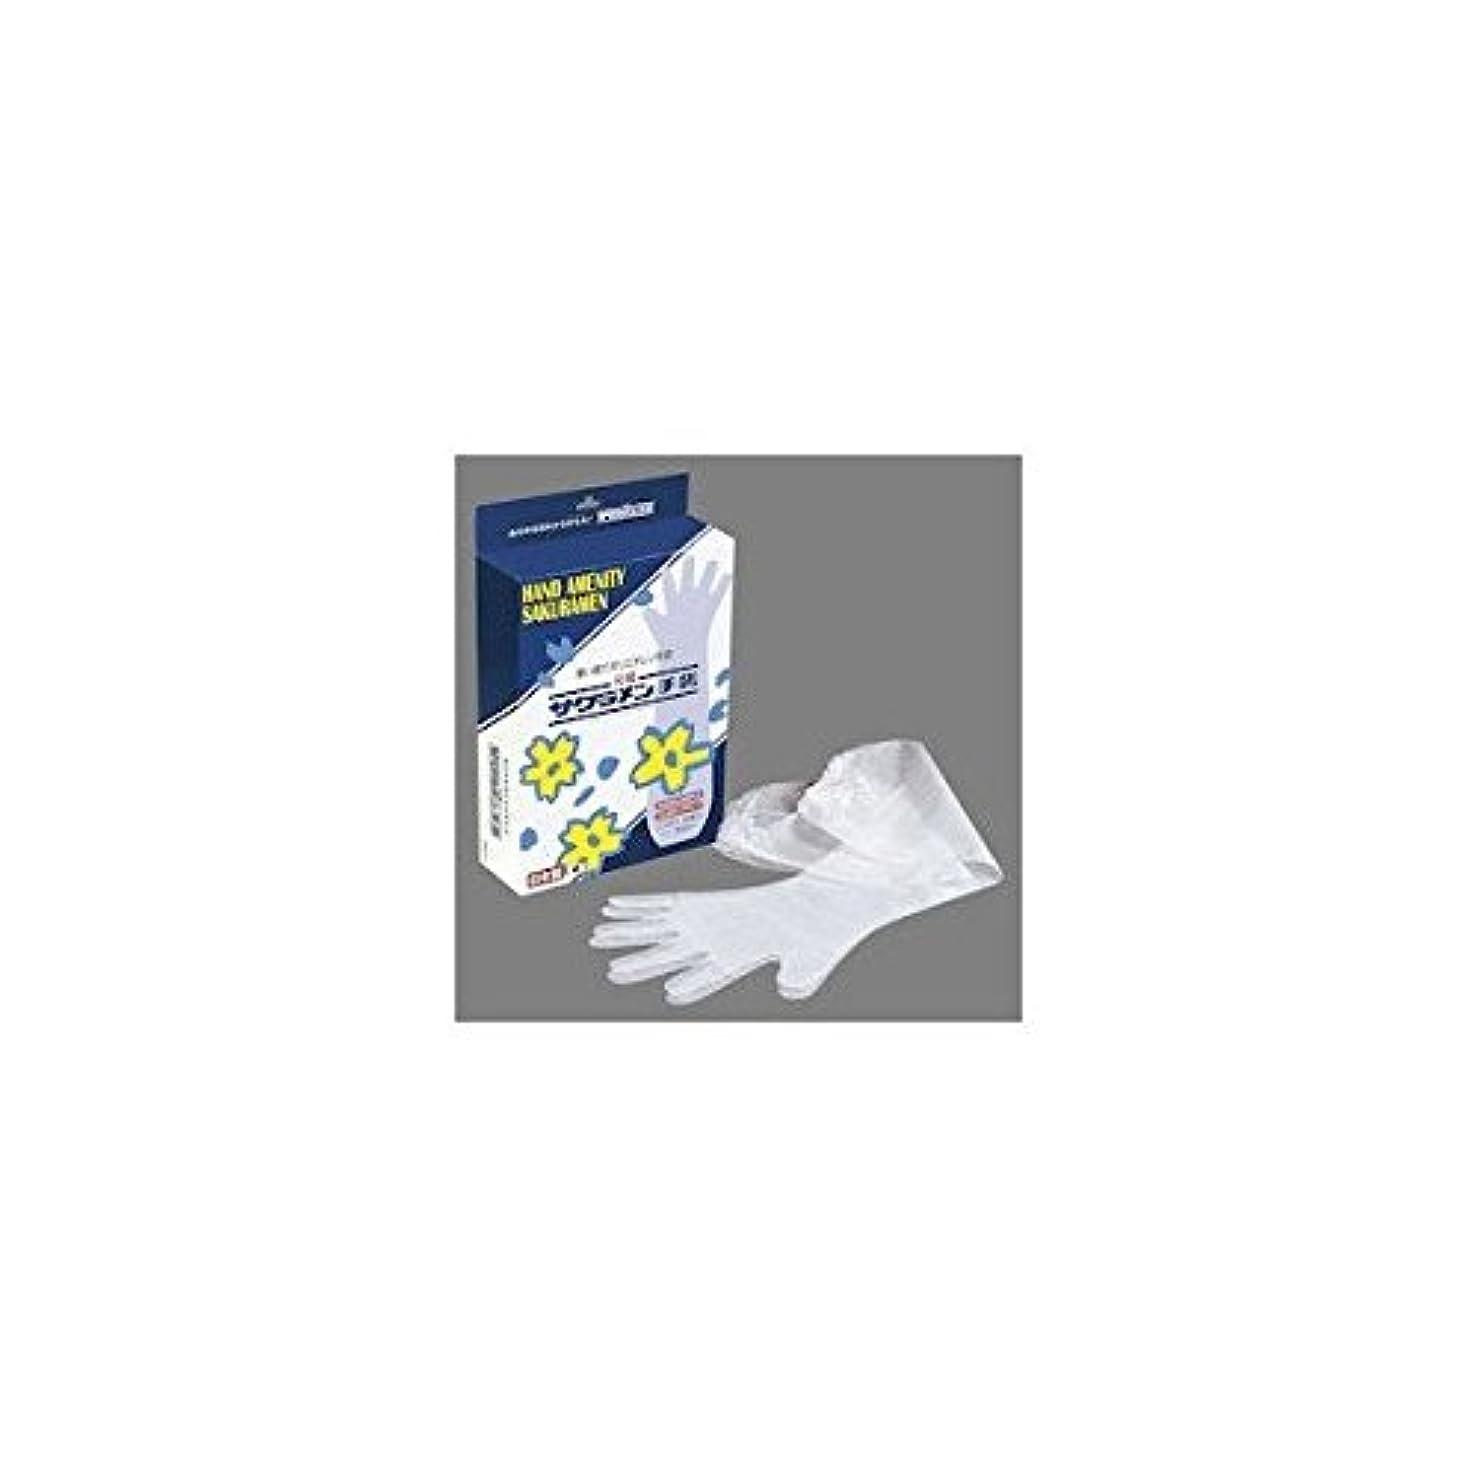 パシフィックポテト擬人化サクラメン ゴム付ロング手袋(30枚入)40μ